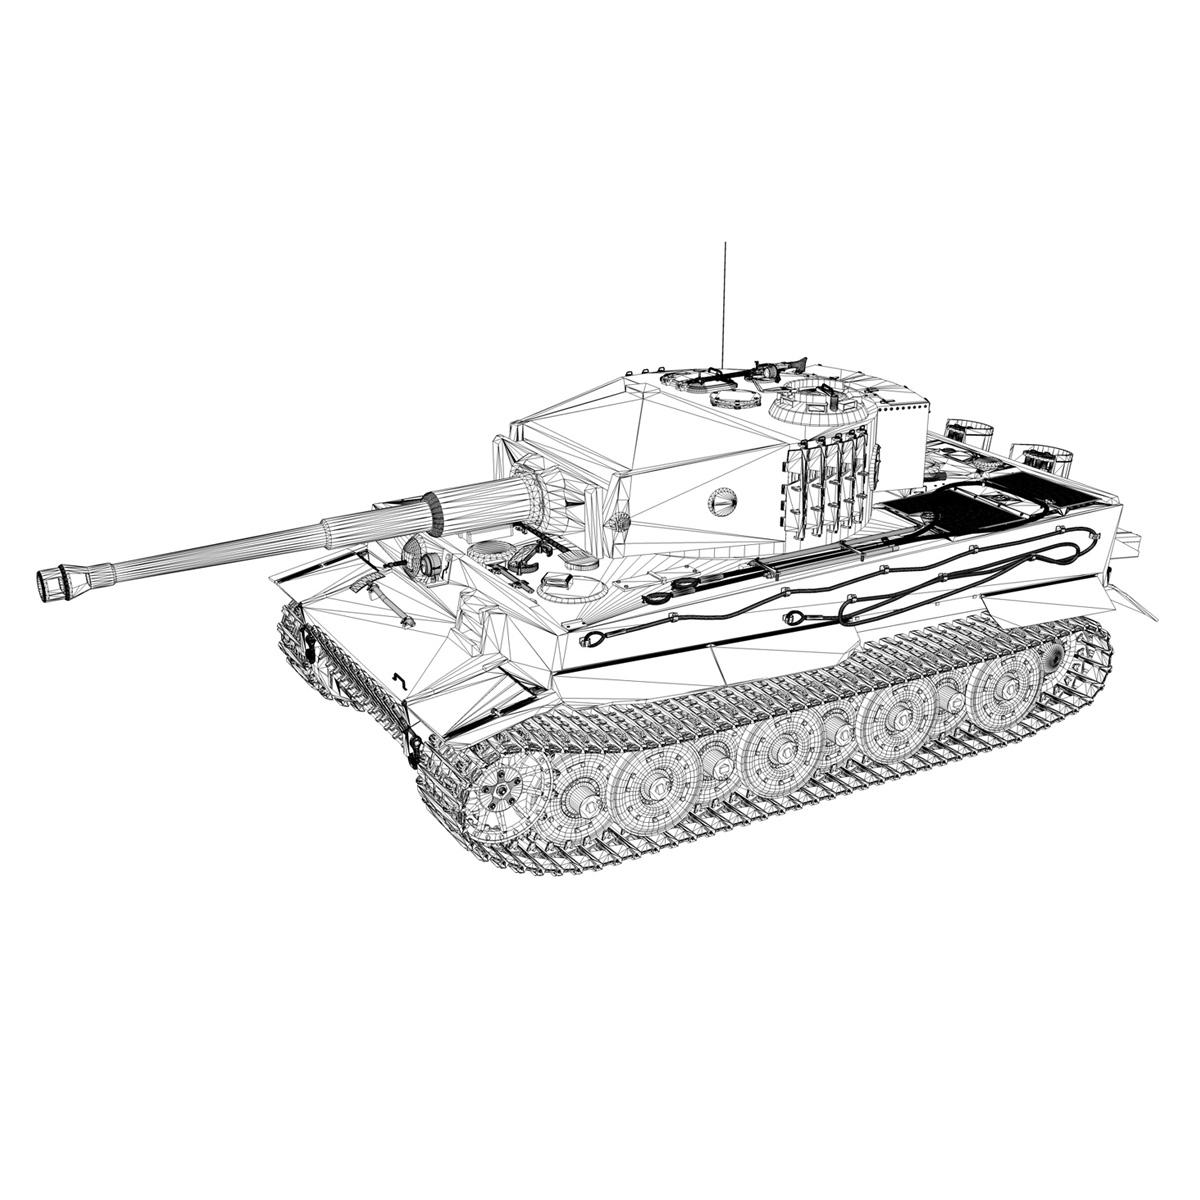 panzer vi – tiger – 132 – late production 3d model 3ds fbx c4d lwo obj 292975